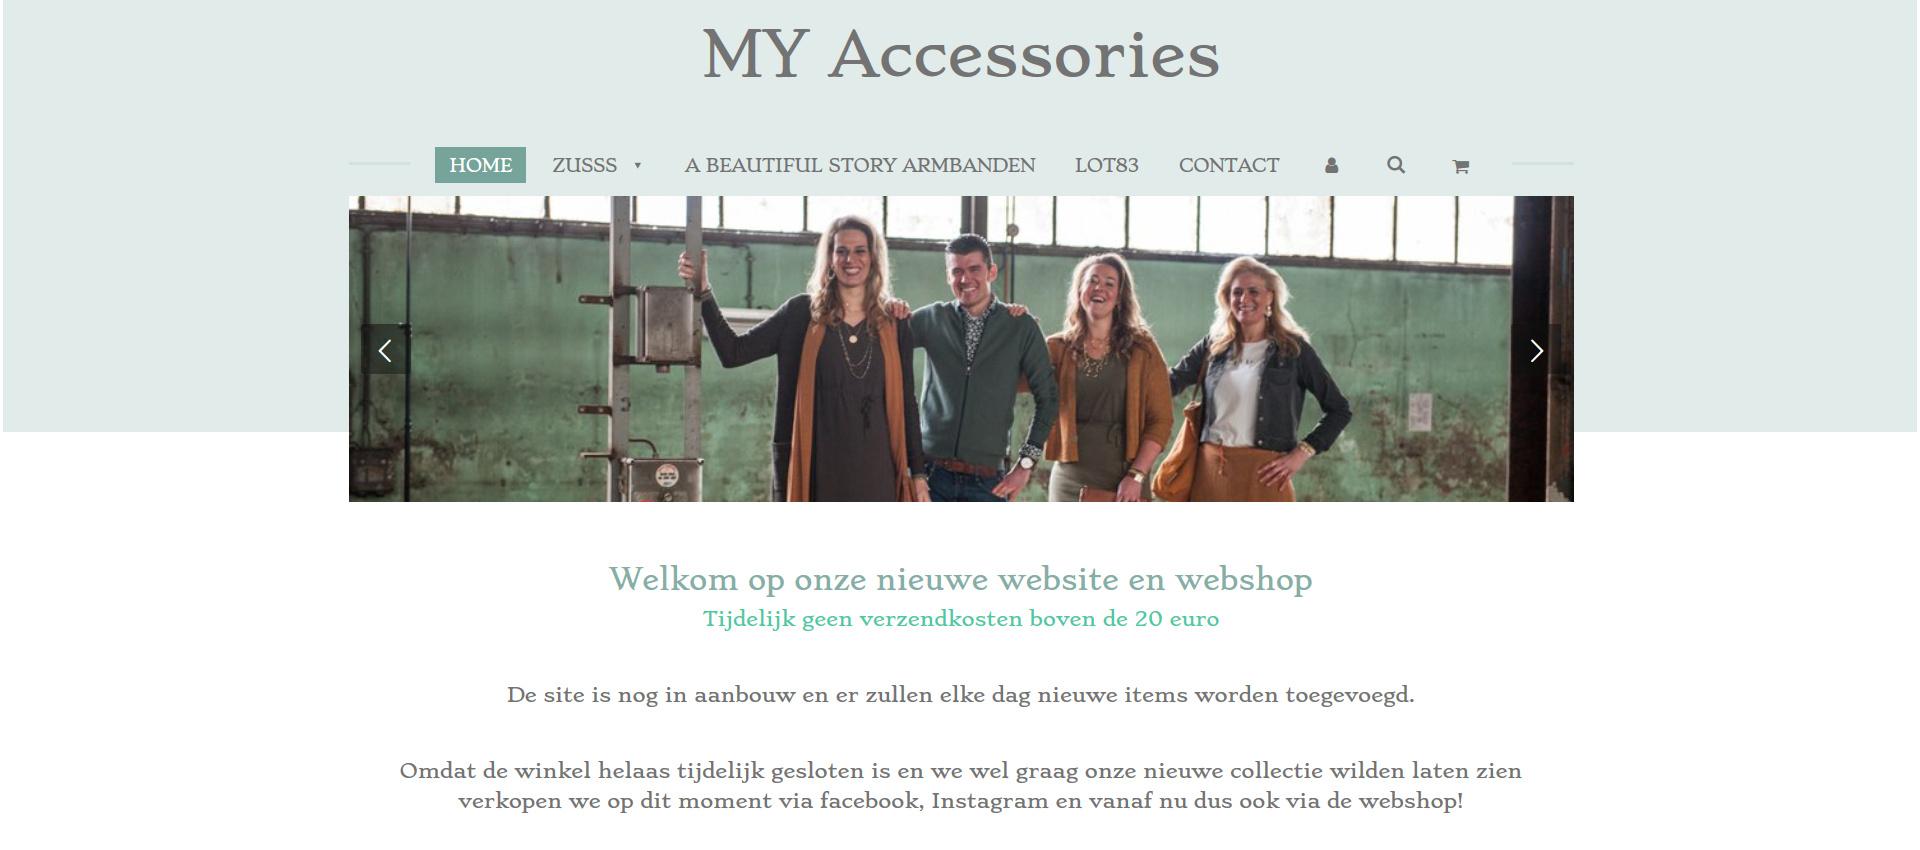 Tweede webshop MY Accessories